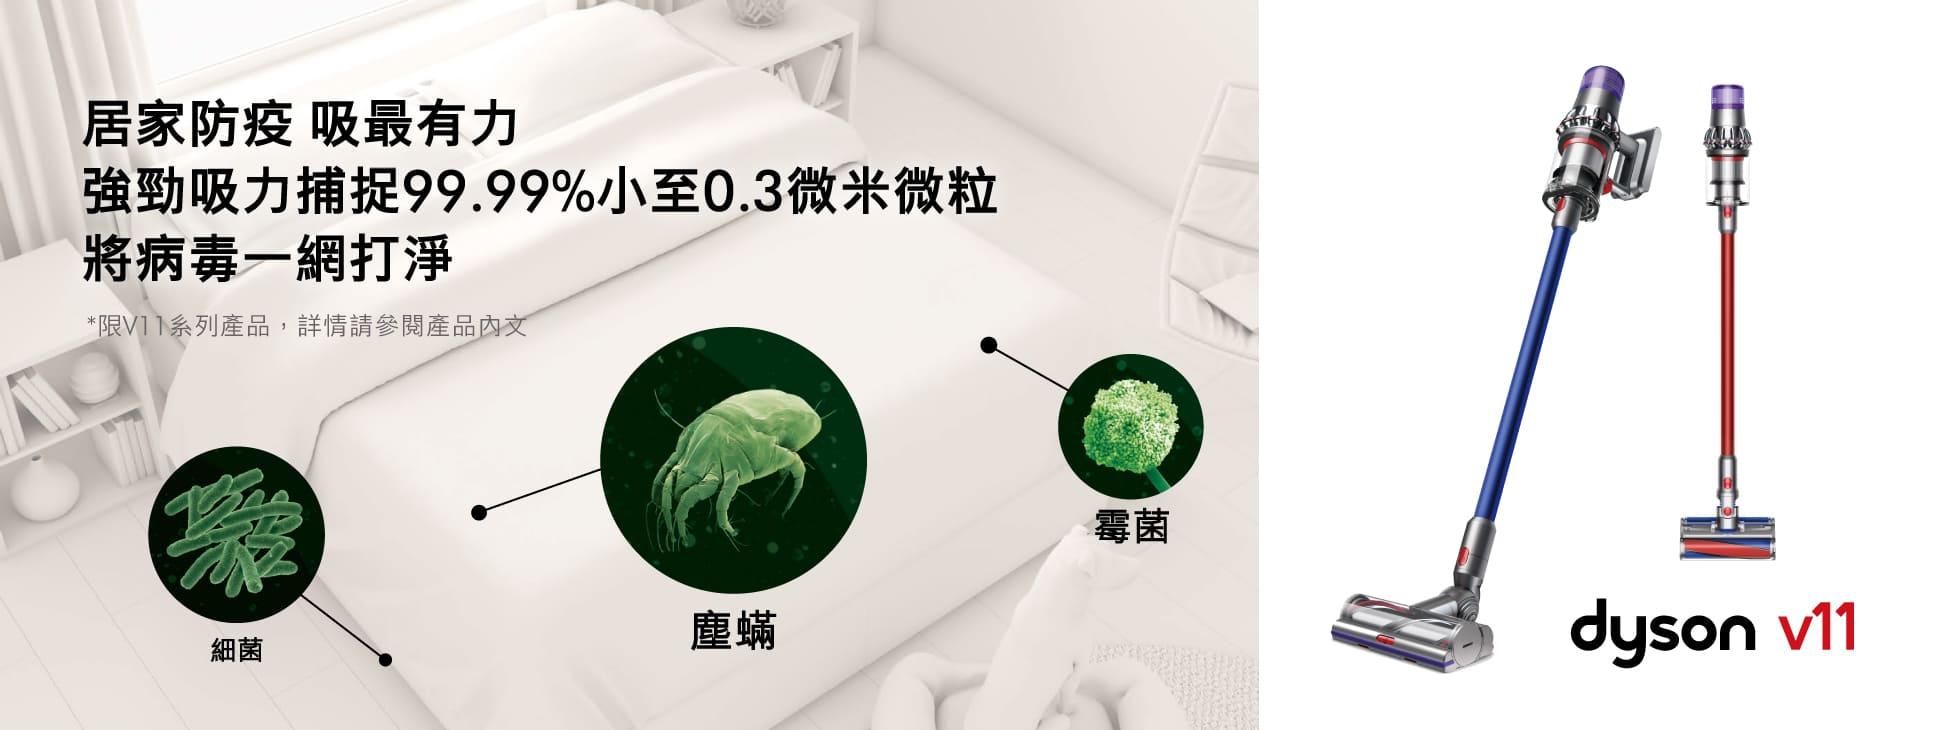 【Dyson】V11居家防疫 吸最有力,將病毒一網打淨